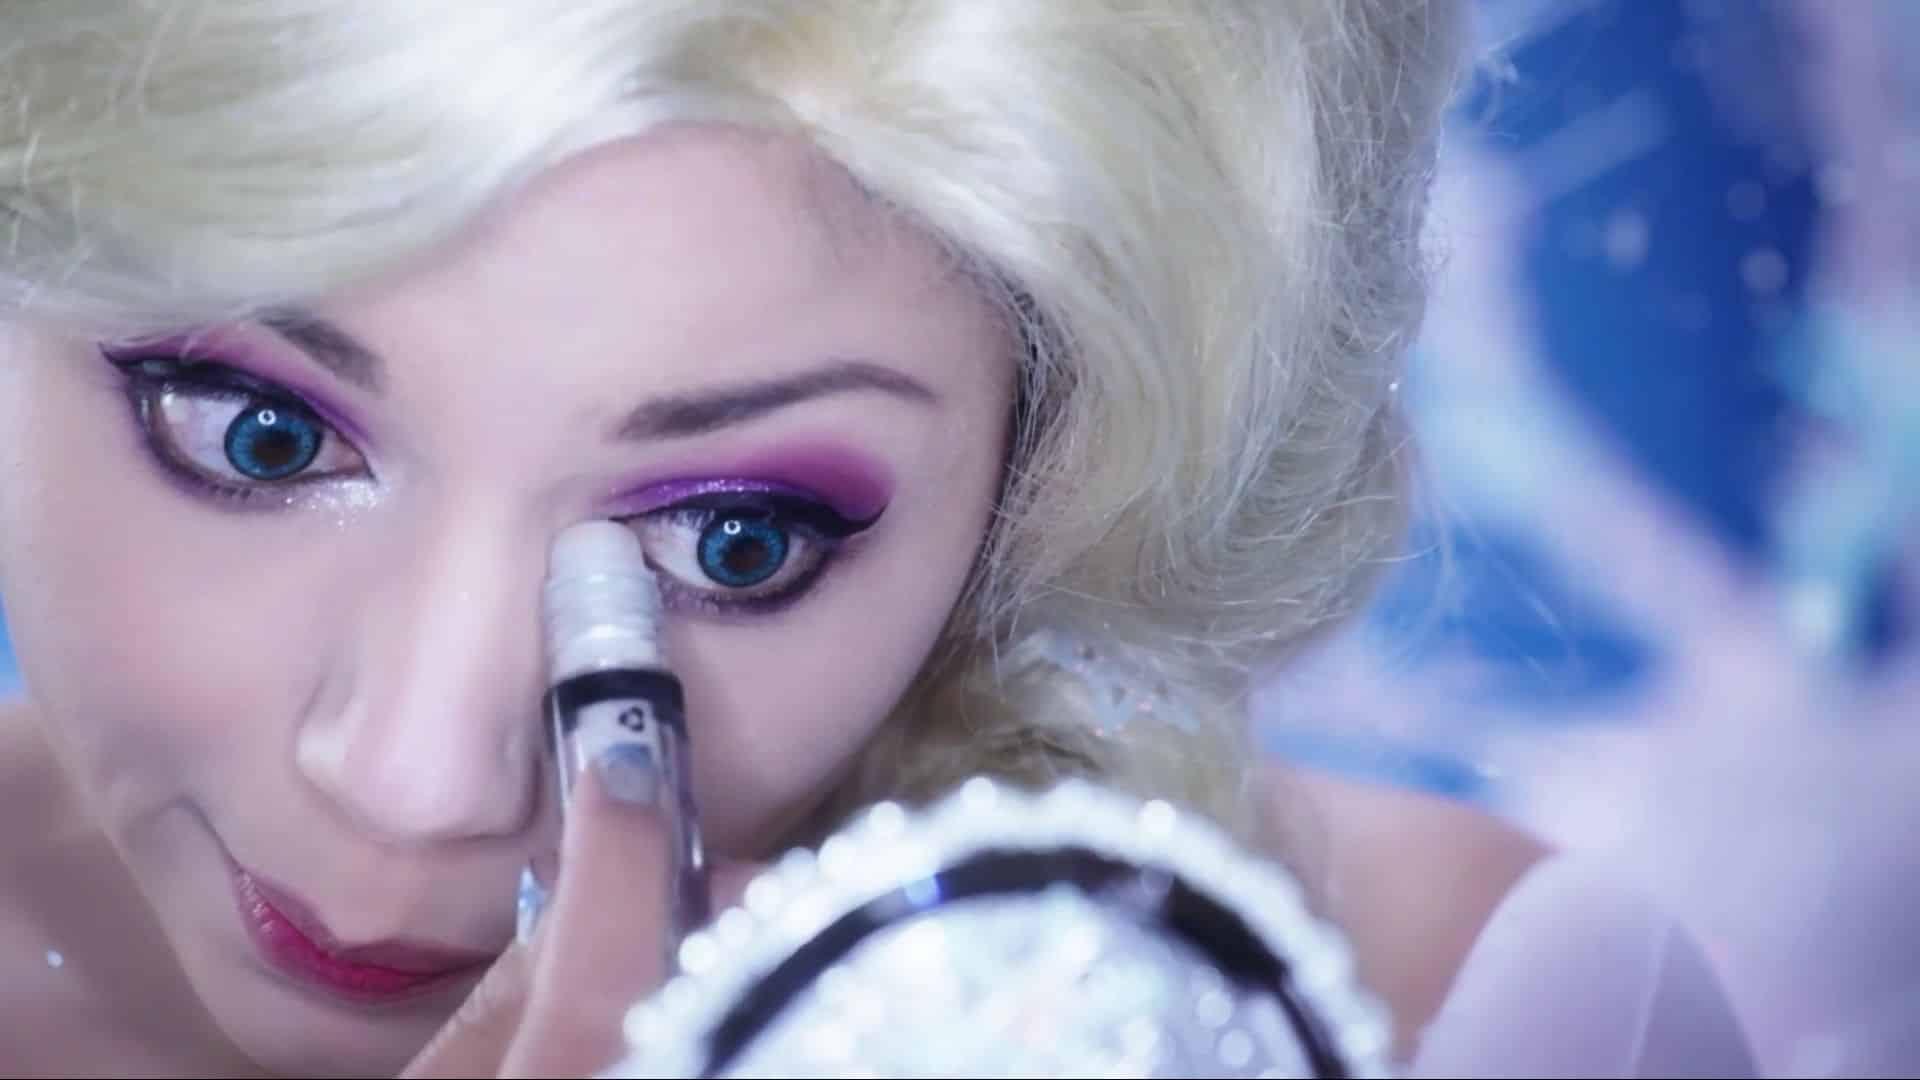 Maquíllate como la princesa Elsa Charisma Star 2020, sombra blanca para dar brillo.